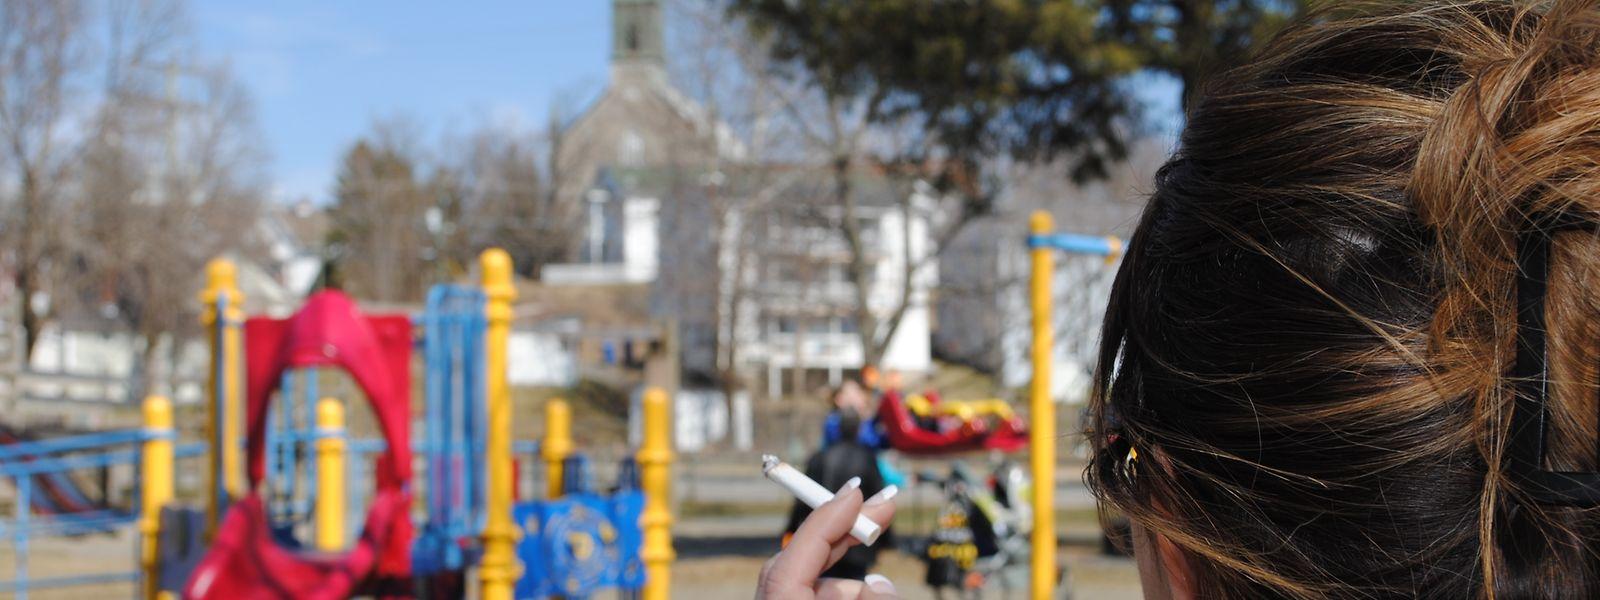 Les parents ne pourront plus s'en griller une petite pour passer le temps au parc